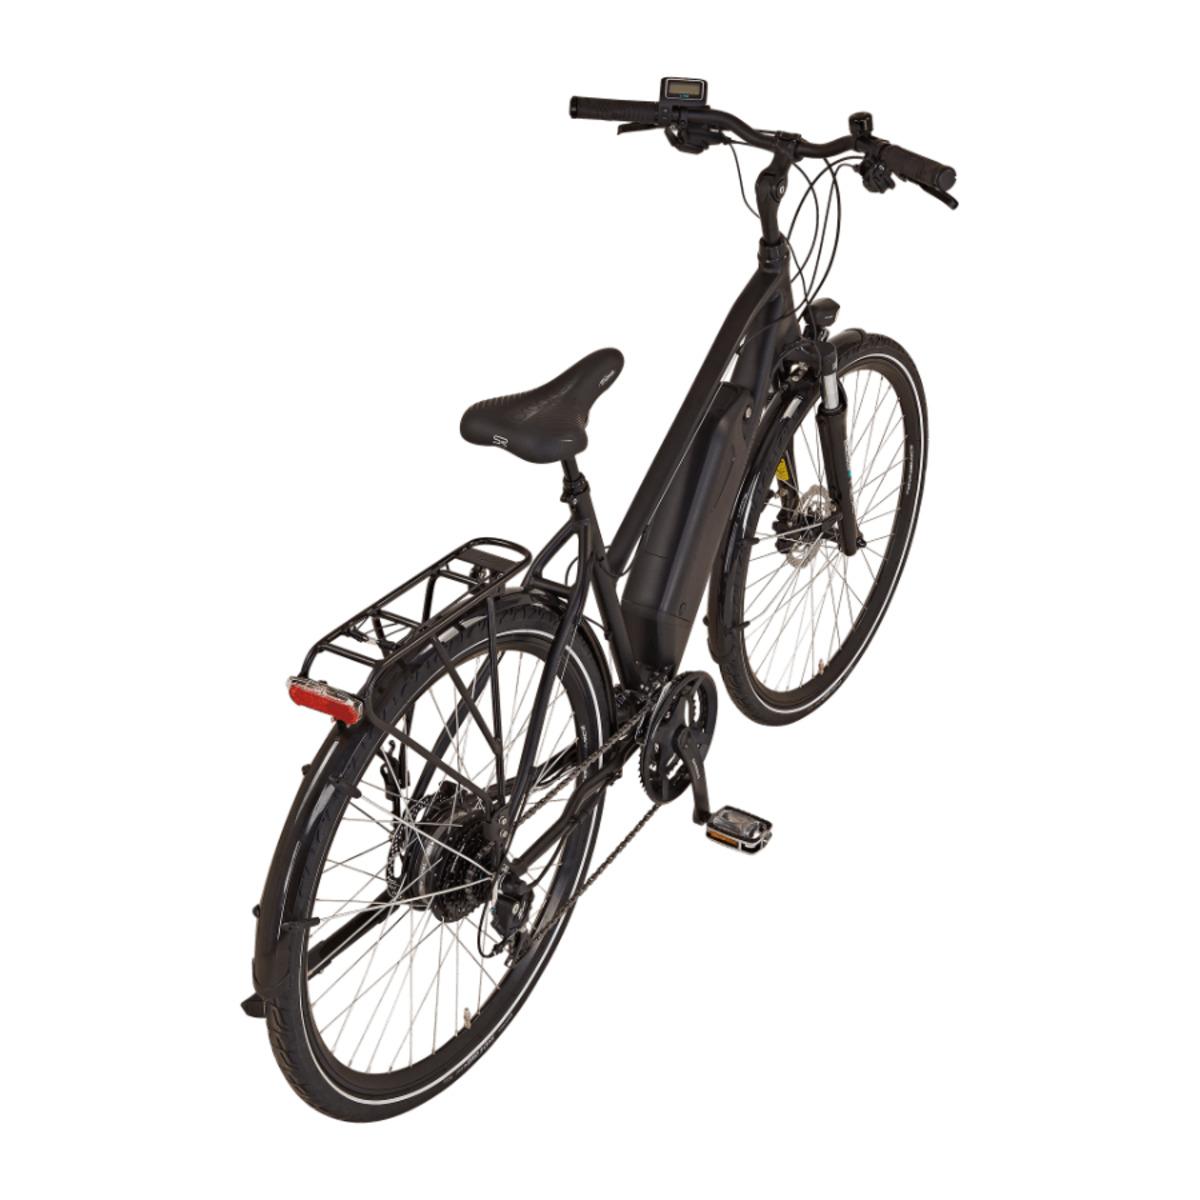 """Bild 2 von Prophete Trekking E-Bike 28"""" (71 cm)"""